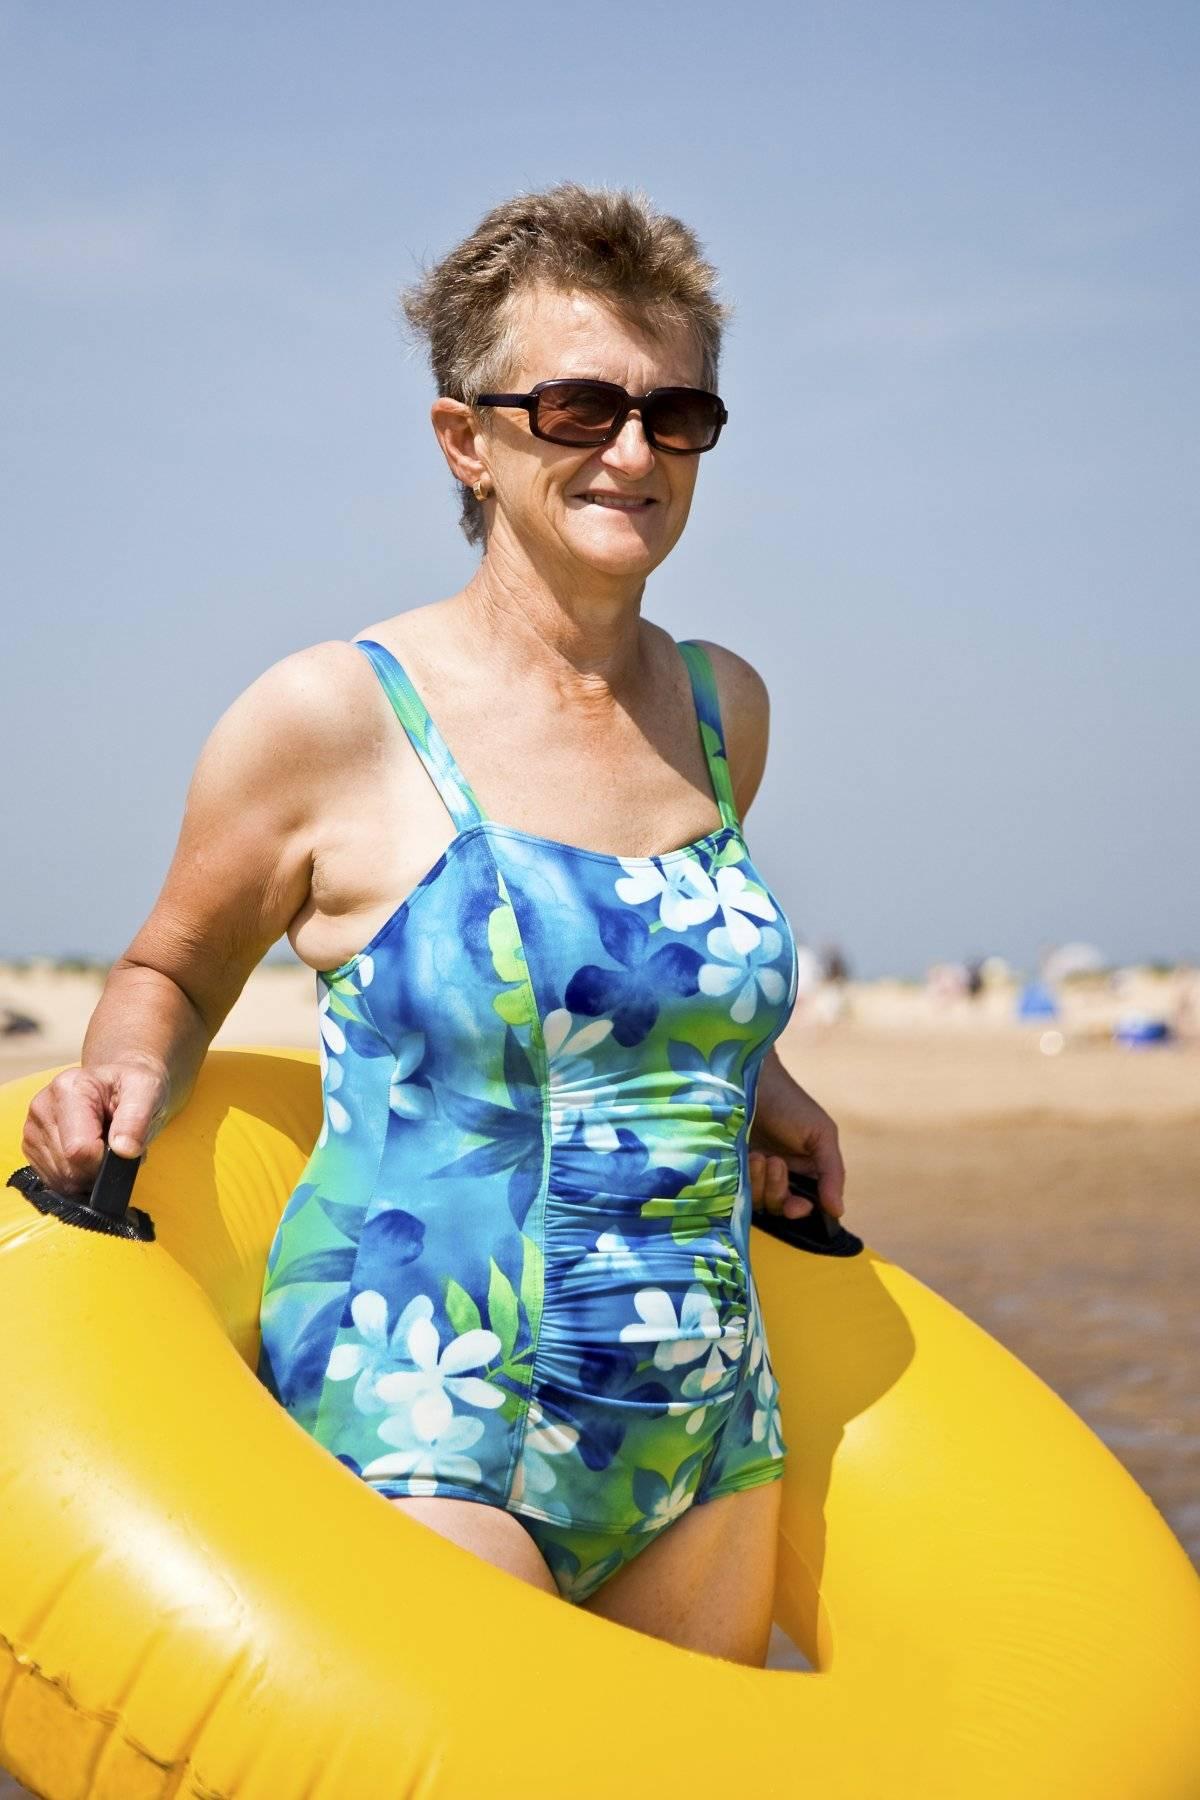 Sé libre y sé tú. Si vas a la playa y te gusta utilizar traje de baño, aprovecha el momento para utilizar colores y estampados alegres, que te ayuden a liberar el estrés mientras disfrutas del sol. Las piezas de cuerpo entero son la elección preferida de mujeres de todas las edades. / Thinkstock